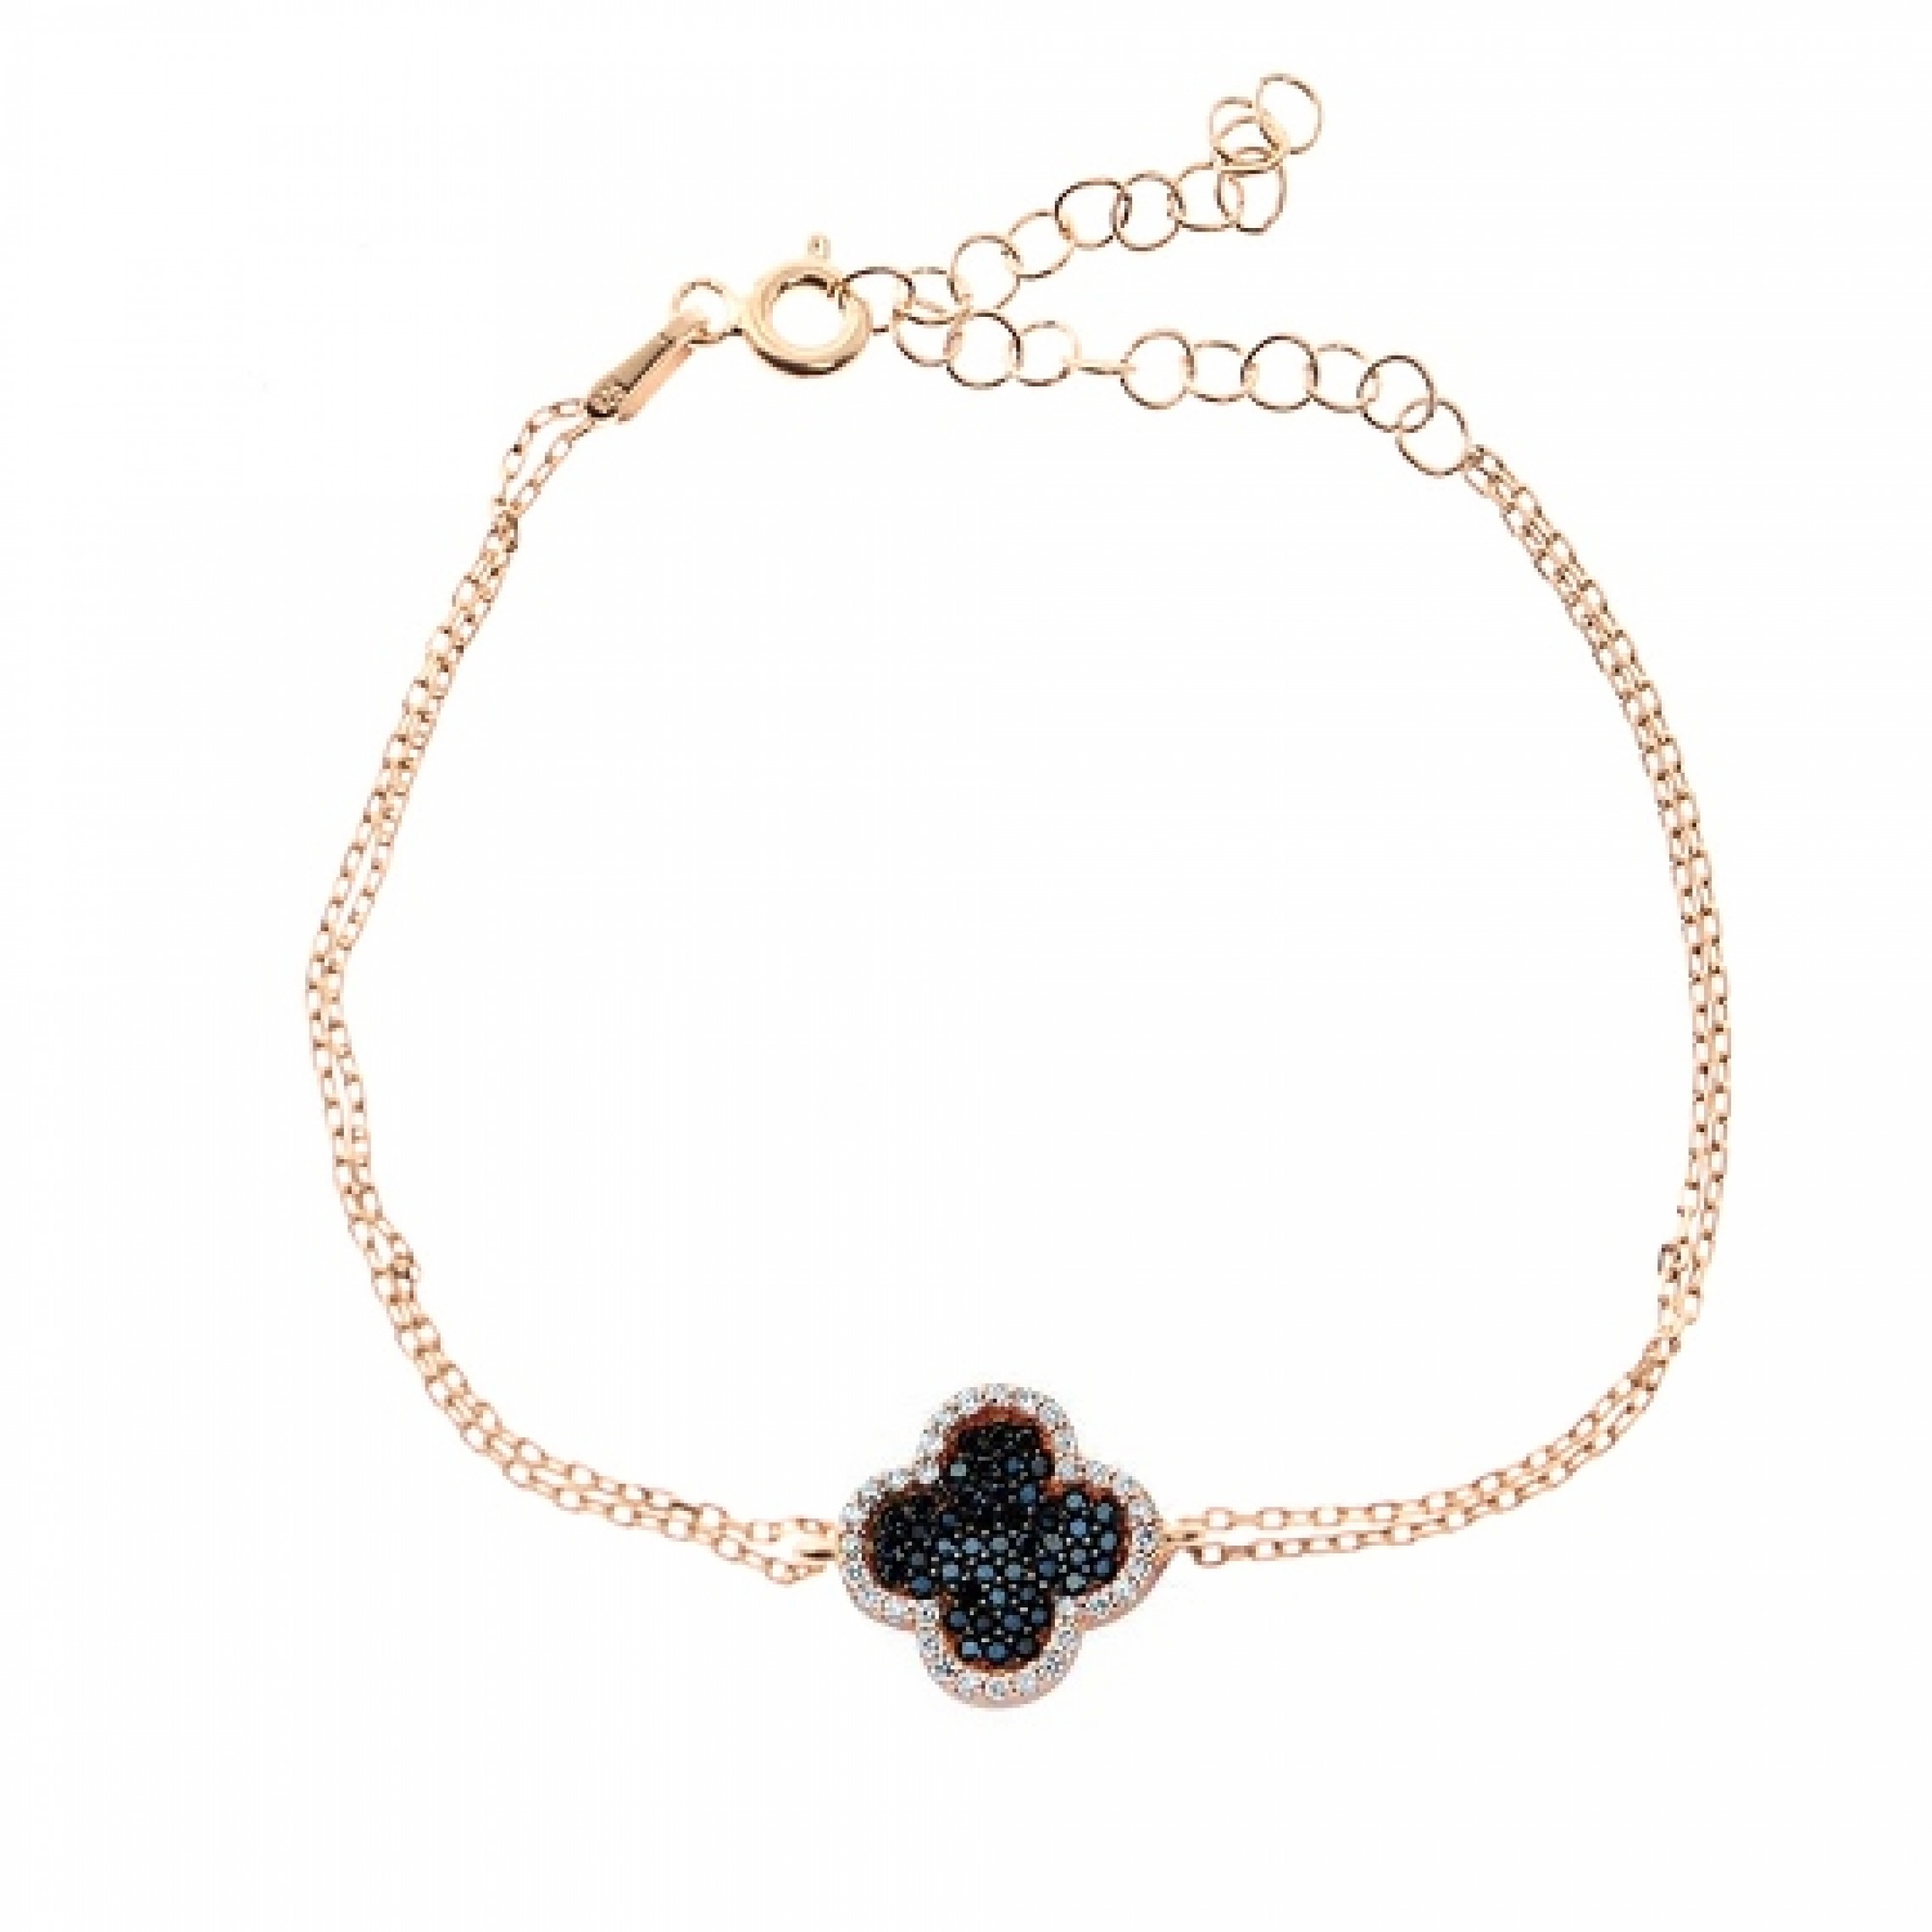 JB-180084 Evil Eye 925 Sterling Silver CZ Bracelet